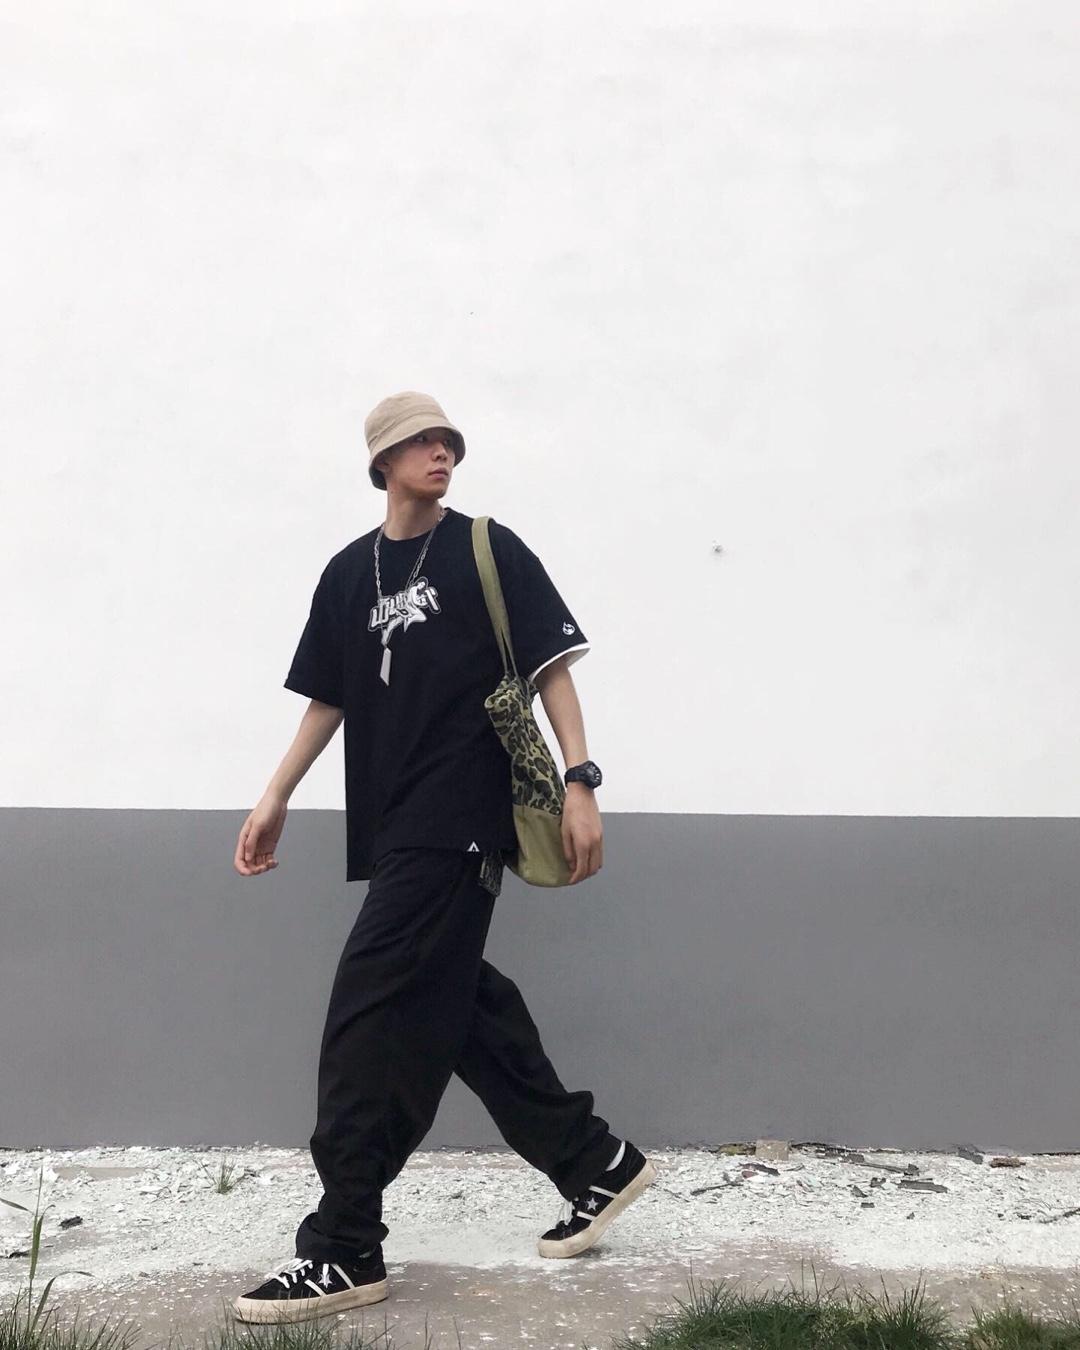 简单百搭的黑色短袖穿上瞬间街头感 搭配立体剪裁版型的宽松西裤 搭配匡威整体效果日系街头风 渔夫帽使整体搭配满满的加分#30℃入夏的正确穿搭方式#